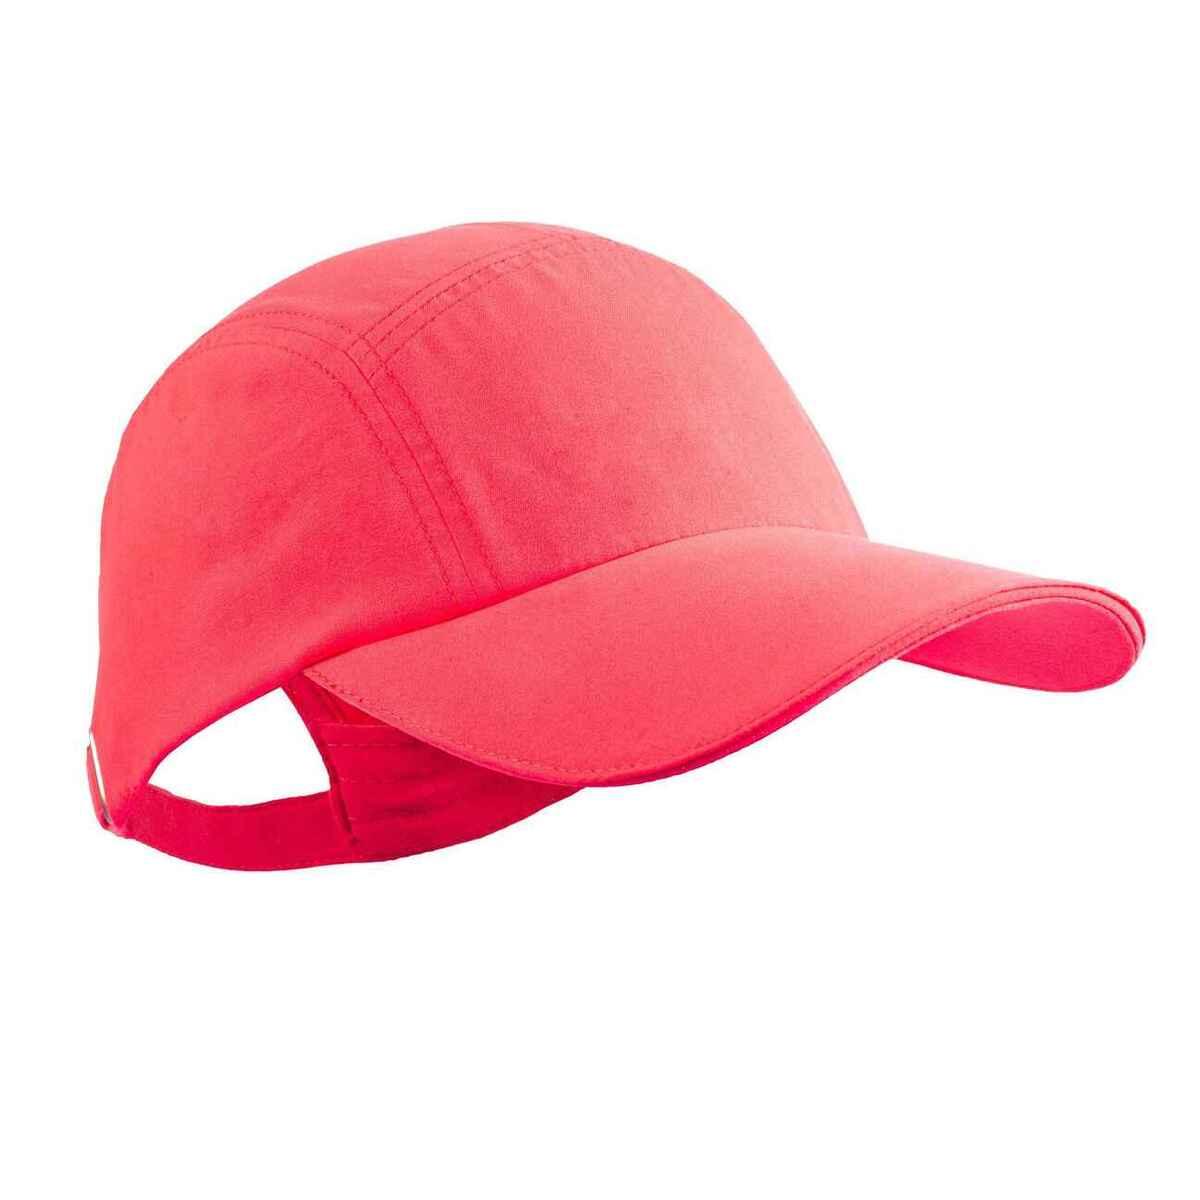 Bild 1 von Cap Fitness Cardio rosa